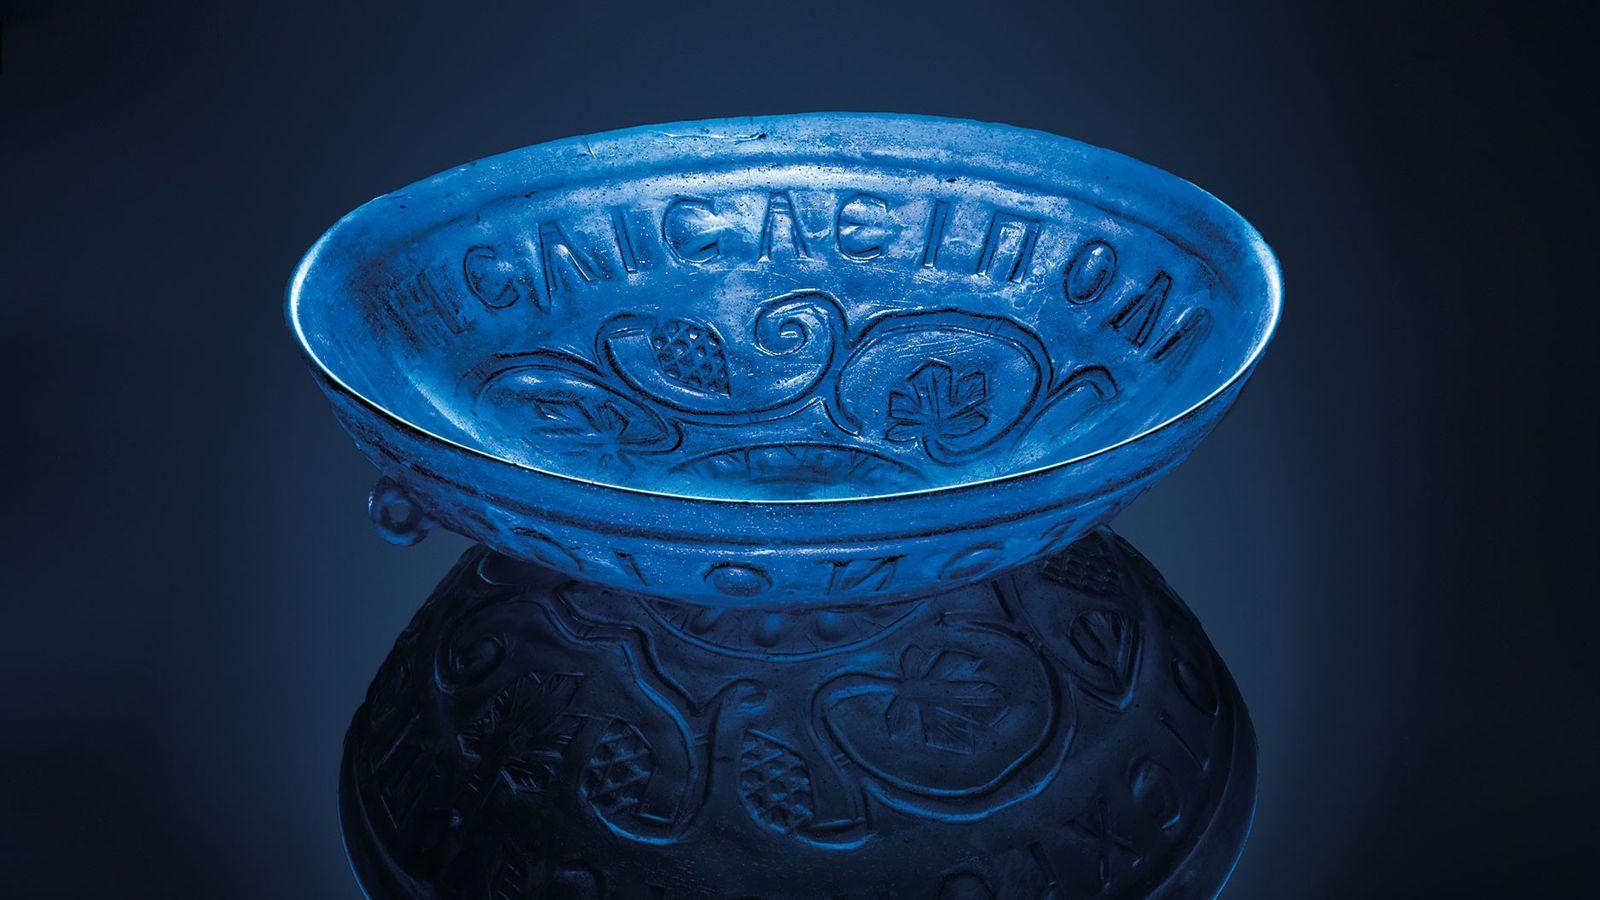 Diese 1.700 Jahre alte, durchsichtige Schale aus blauem Glas wurde neben der Frau gefunden, die im ...